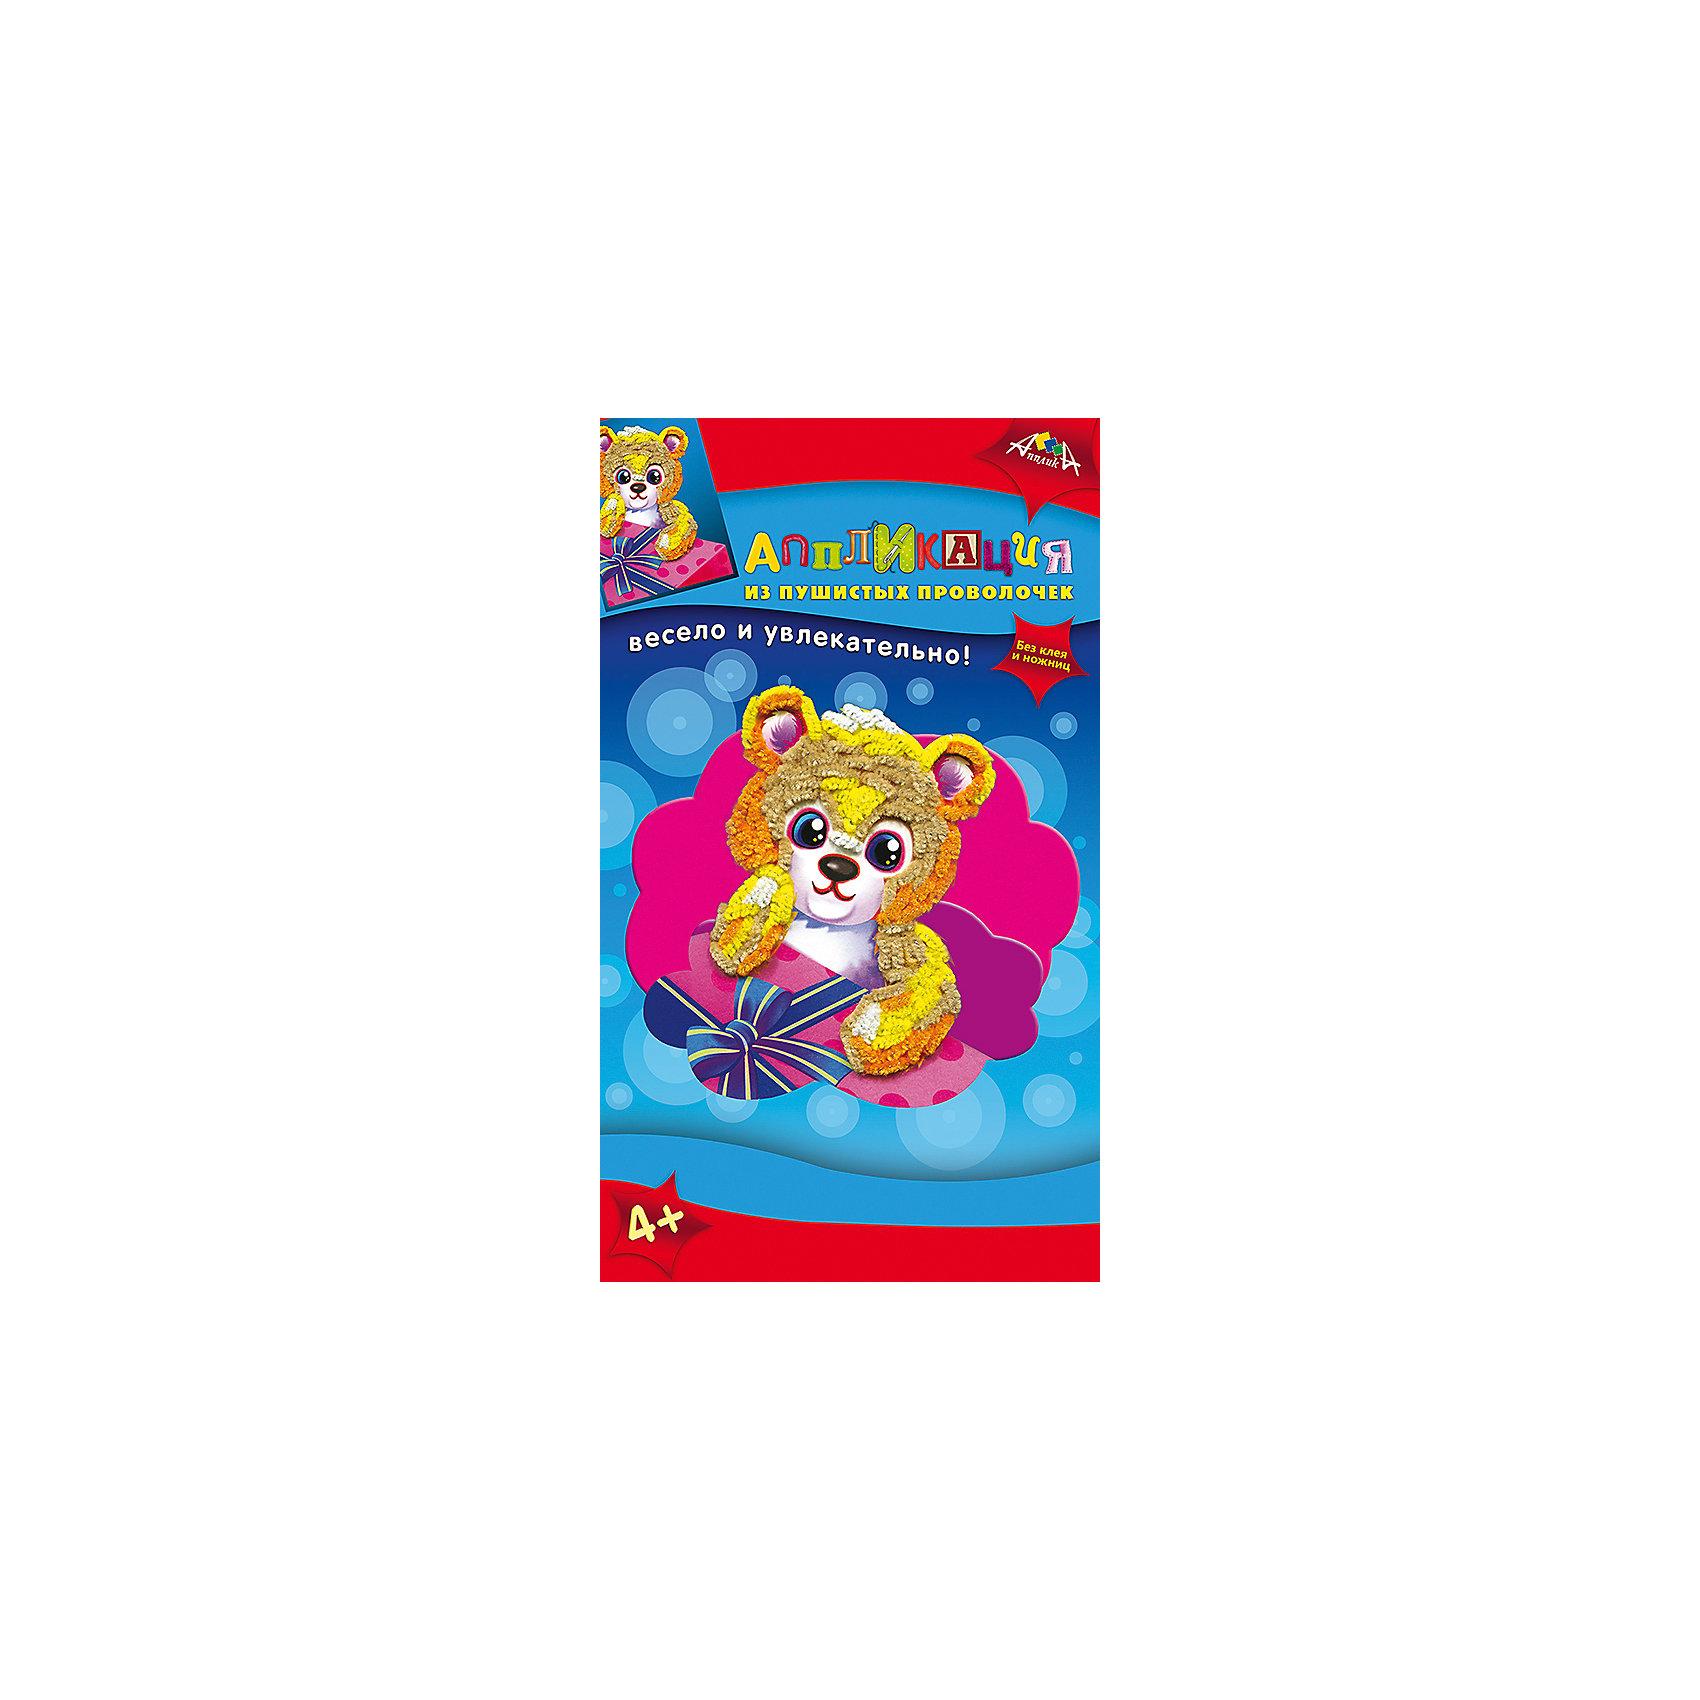 Набор для детского творчества Аппликация в подарок Медвежонок, Попугай, Черепашка, ХамелеонБумага<br>Характеристики:<br><br>• возраст: от 4 лет<br>• комплектация: две аппликация из мягкого пластика (2 цветные картонные основы А6 и вырубленные элементы из самоклеящегося мягкого пластика); 2 аппликации из пушистых проволочек (2 цветные основы, пушистые проволочки, пластмассовые инструменты для сгибания); инструкция<br>• размер упаковки: 29х17,5х3 см.<br>• вес: 180 гр.<br><br>С помощью этого набора ребенок сможет создать своими руками 4 картины: две аппликации из мягкого пластика с изображением черепахи и хамелеона, две аппликации из пушистых проволочек с изображением медвежонка и попугая.<br><br>Процесс создания аппликаций прост, а результат великолепен. Для работы не потребуется ни клея, ни ножниц. Чтобы сделать аппликацию из мягкого пластика, необходимо отделить пластик от защитного слоя и приклеить к цветной основе. Чтобы сделать аппликацию из пушистых проволочек нужно согнуть пушистую проволочку и воткнуть ее в цветную основу.<br><br>Готовые работы станут прекрасным украшением дома или замечательным подарком.<br><br>Набор для детского творчества способствует формированию у ребенка усидчивости, внимательности и аккуратности, развивает мелкую моторику рук.<br><br>Набор для детского творчества «Аппликация в подарок Медвежонок, Попугай, Черепашка, Хамелеон» можно купить в нашем интернет-магазине.<br><br>Ширина мм: 290<br>Глубина мм: 175<br>Высота мм: 30<br>Вес г: 180<br>Возраст от месяцев: 48<br>Возраст до месяцев: 2147483647<br>Пол: Унисекс<br>Возраст: Детский<br>SKU: 7033664